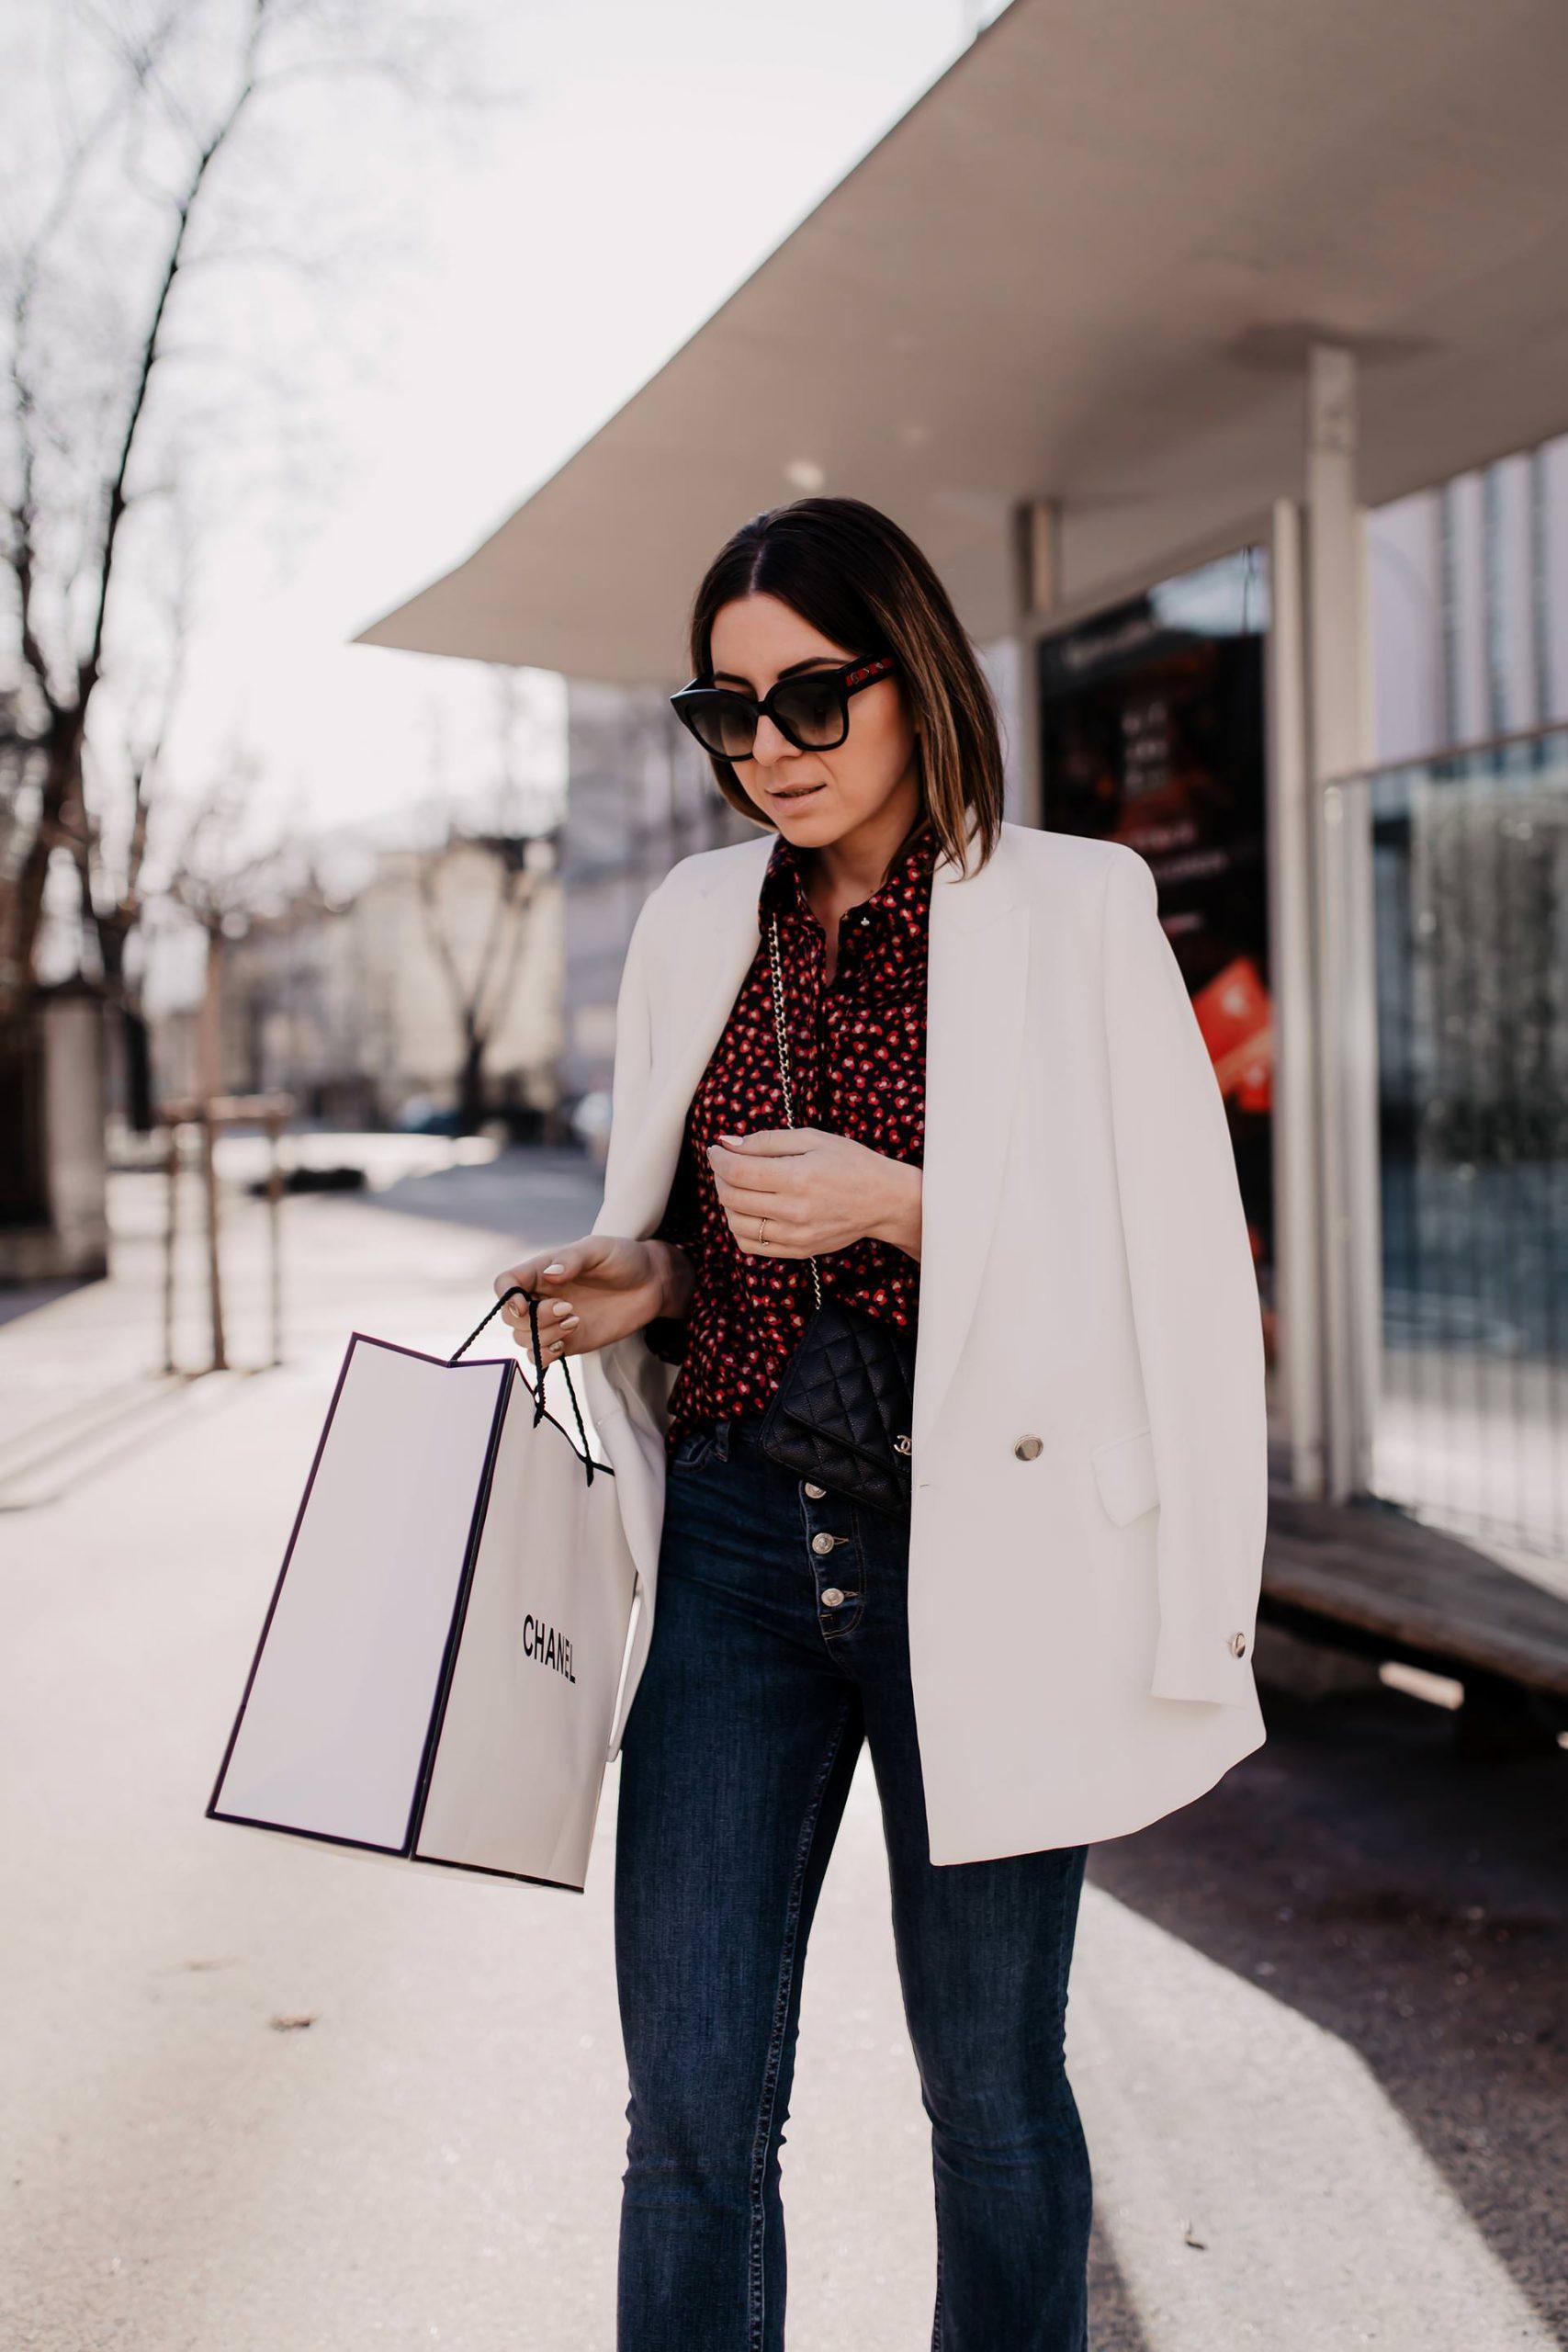 Produktplatzierung. Mein festliches Outfit für den Alltag mit Blazer und Glitzer-Boots findest du jetzt am Modeblog whoismocca.com. So einfach kannst du dein Basic-Outfit ein wenig festlicher gestalten!#vorweihnachtszeit #streetstyle #festlichesoutfit